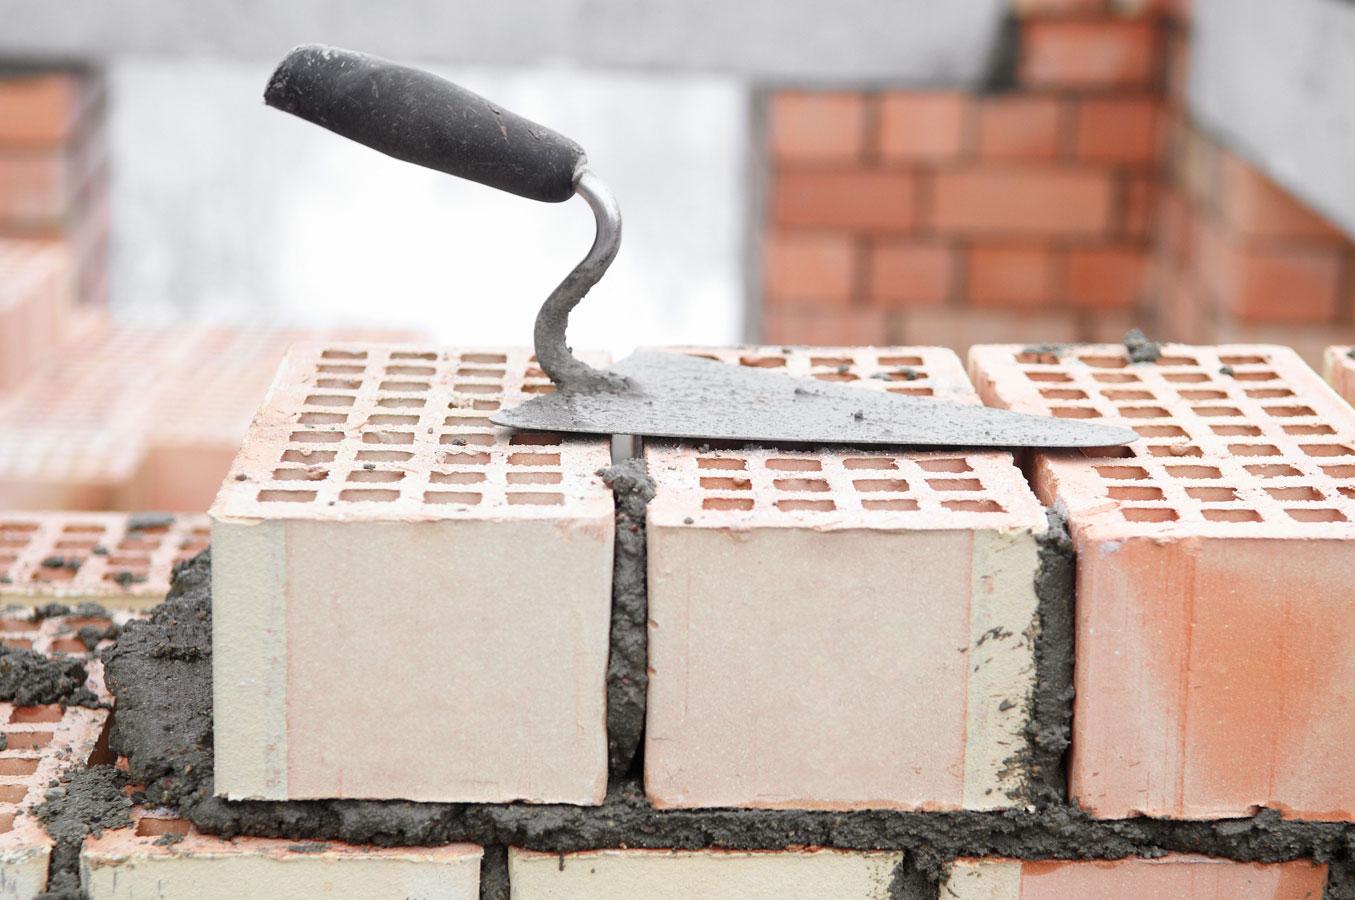 Использование легких кладочных растворов позволяет существенно улучшить показатель теплопроводности стены по сравнению с обычным раствором